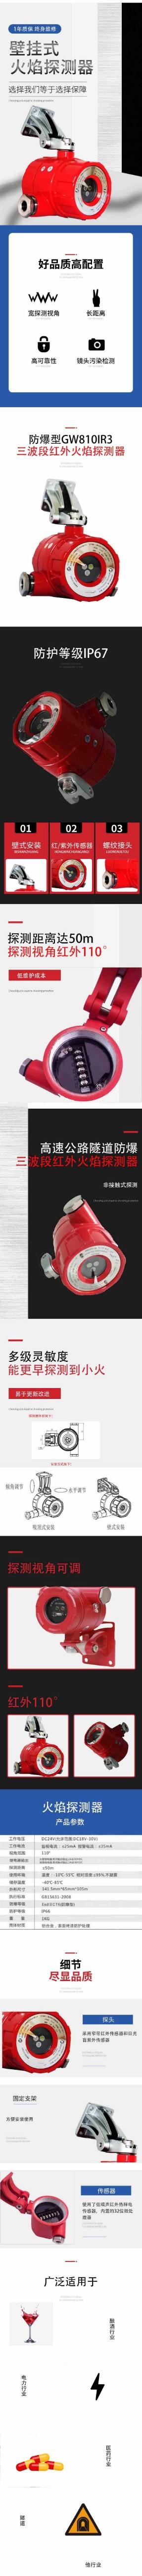 火焰探测器合法版.jpg